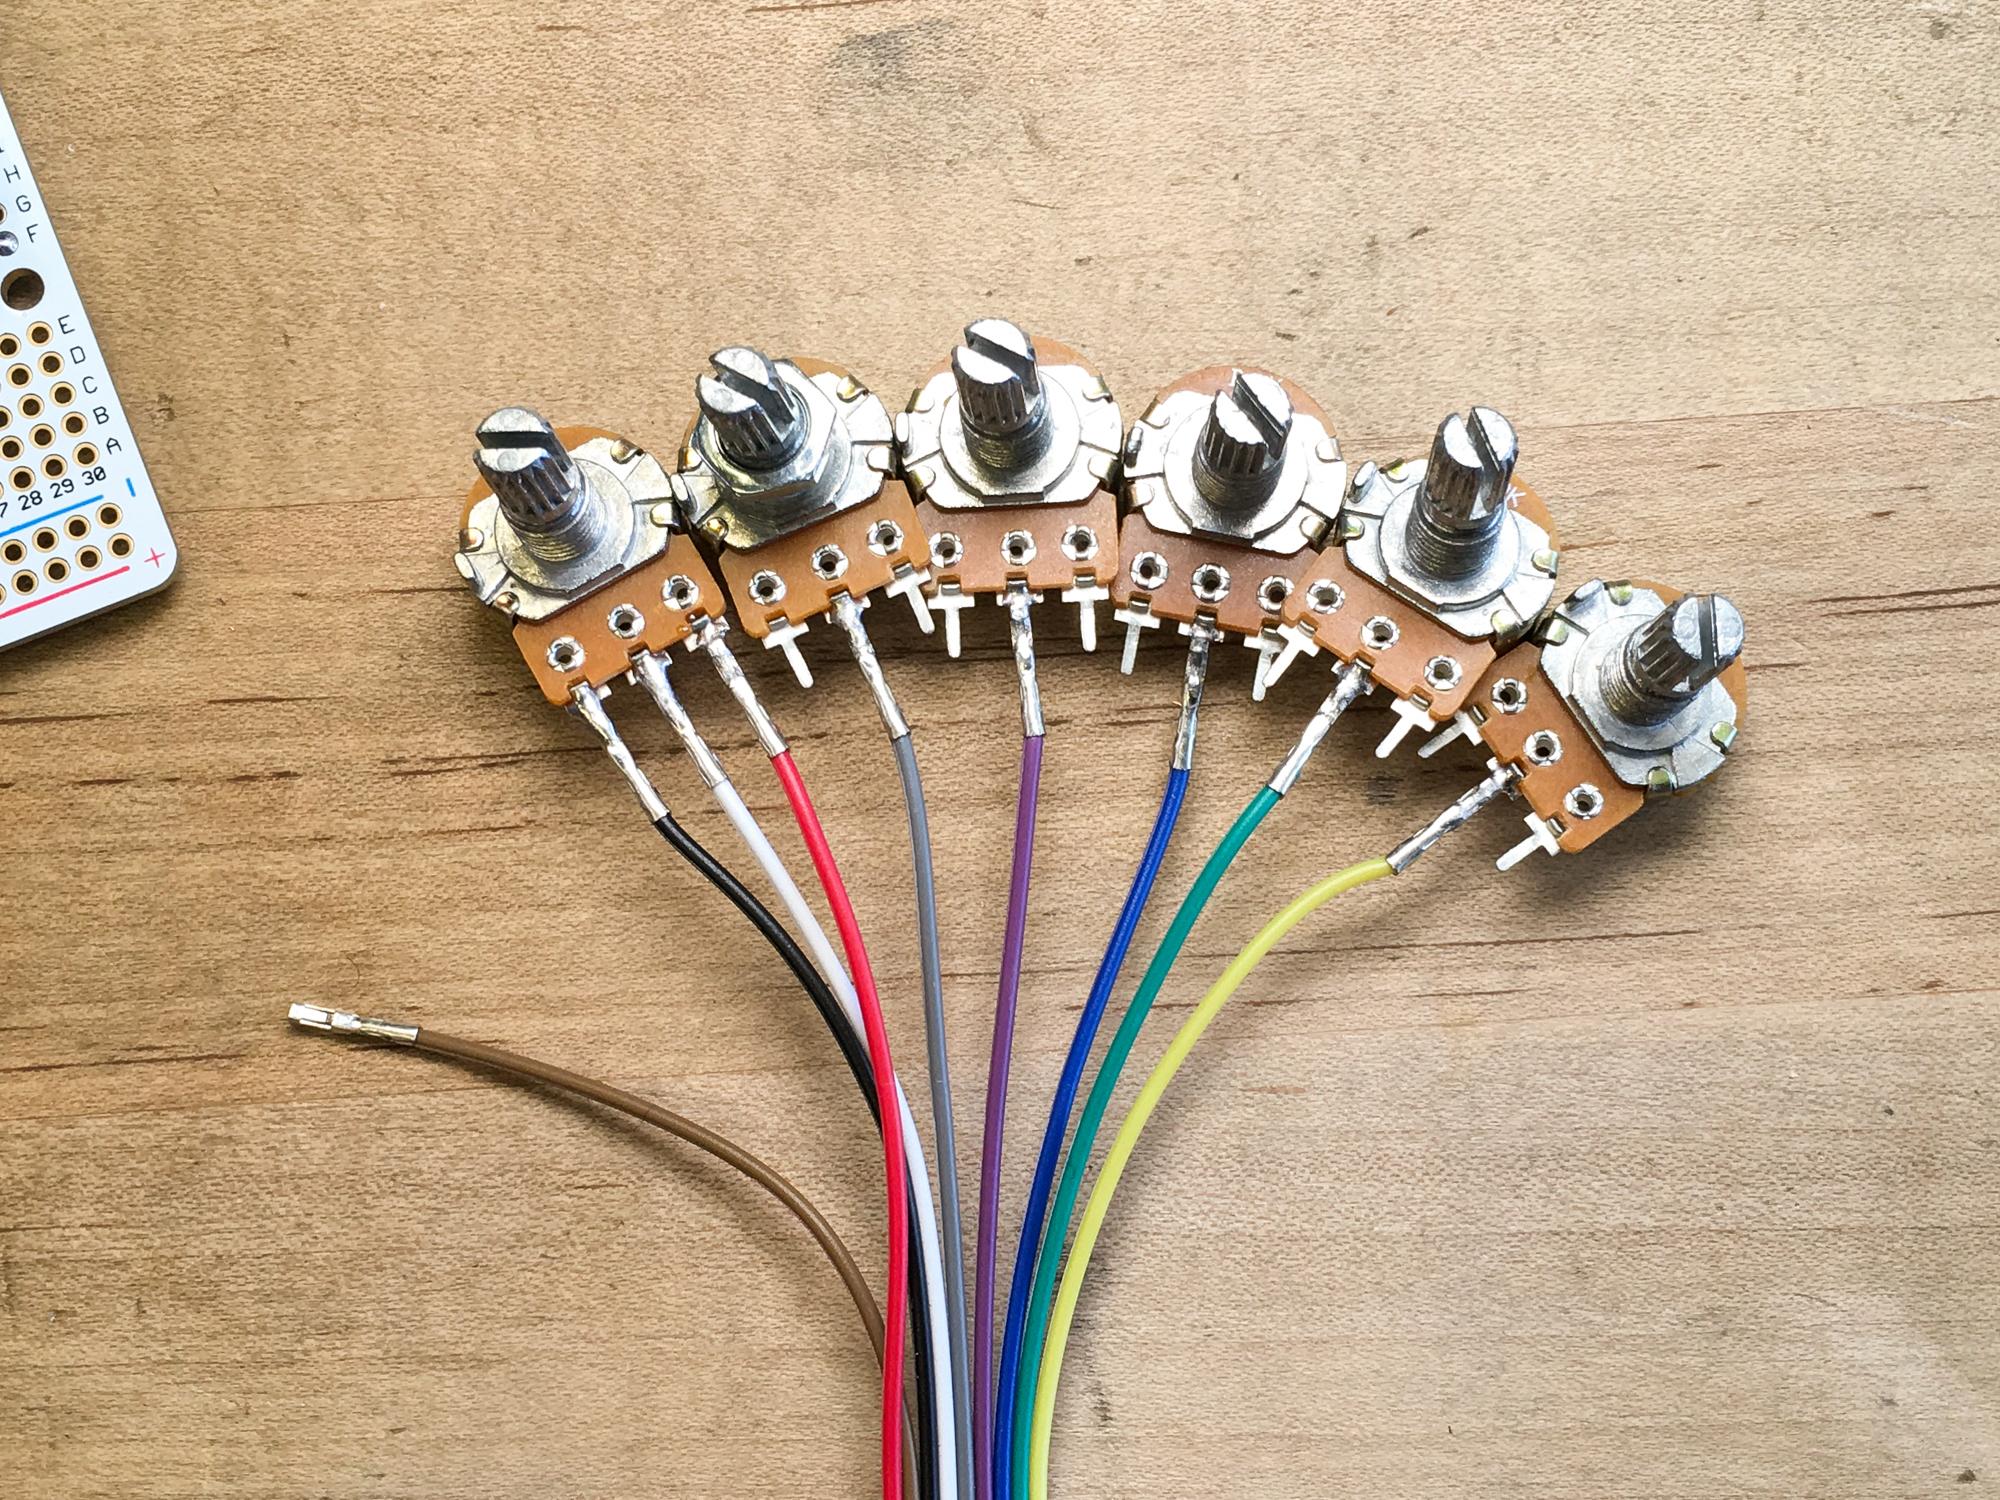 microcontrollers_IMG_1989_2k.jpg